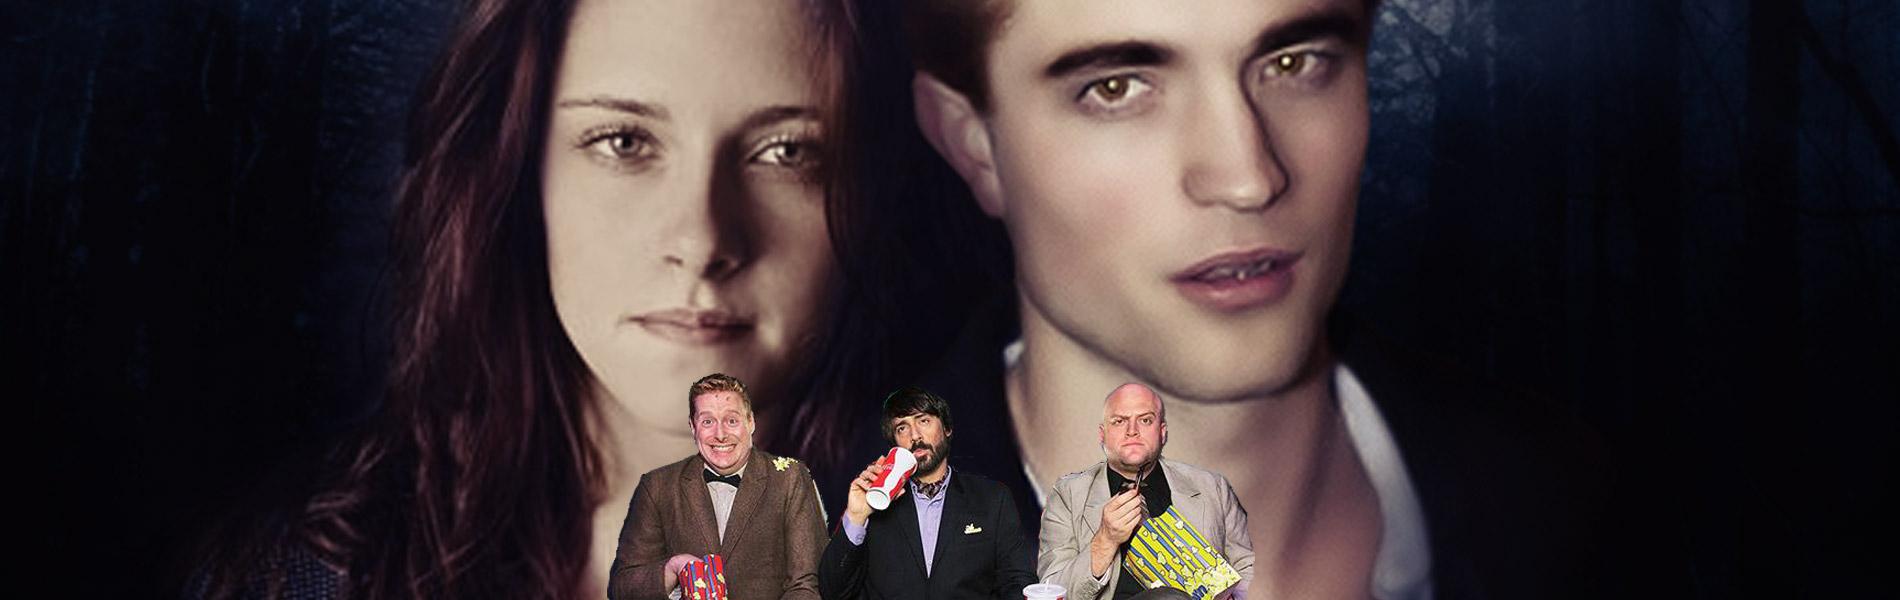 Gentlemen Hecklers – Twilight